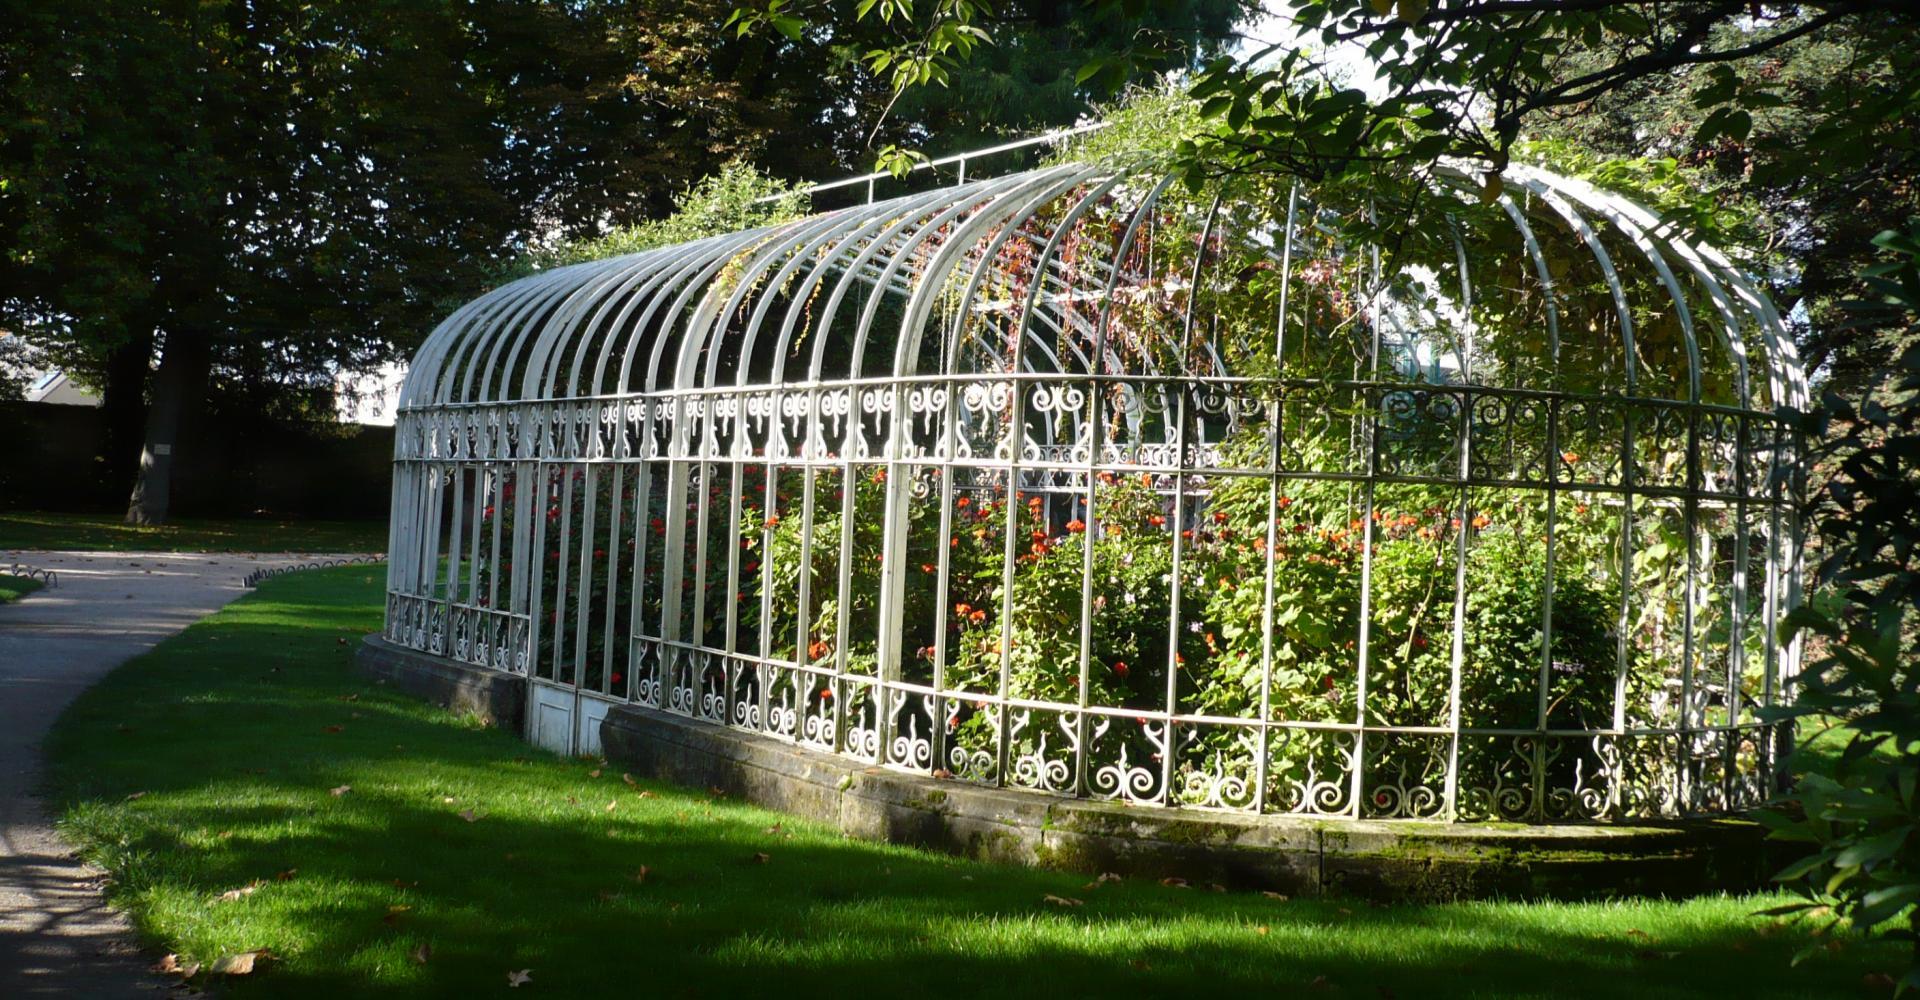 Jardin botanique de tours parcs et jardins en r gion centre for Botanique jardin